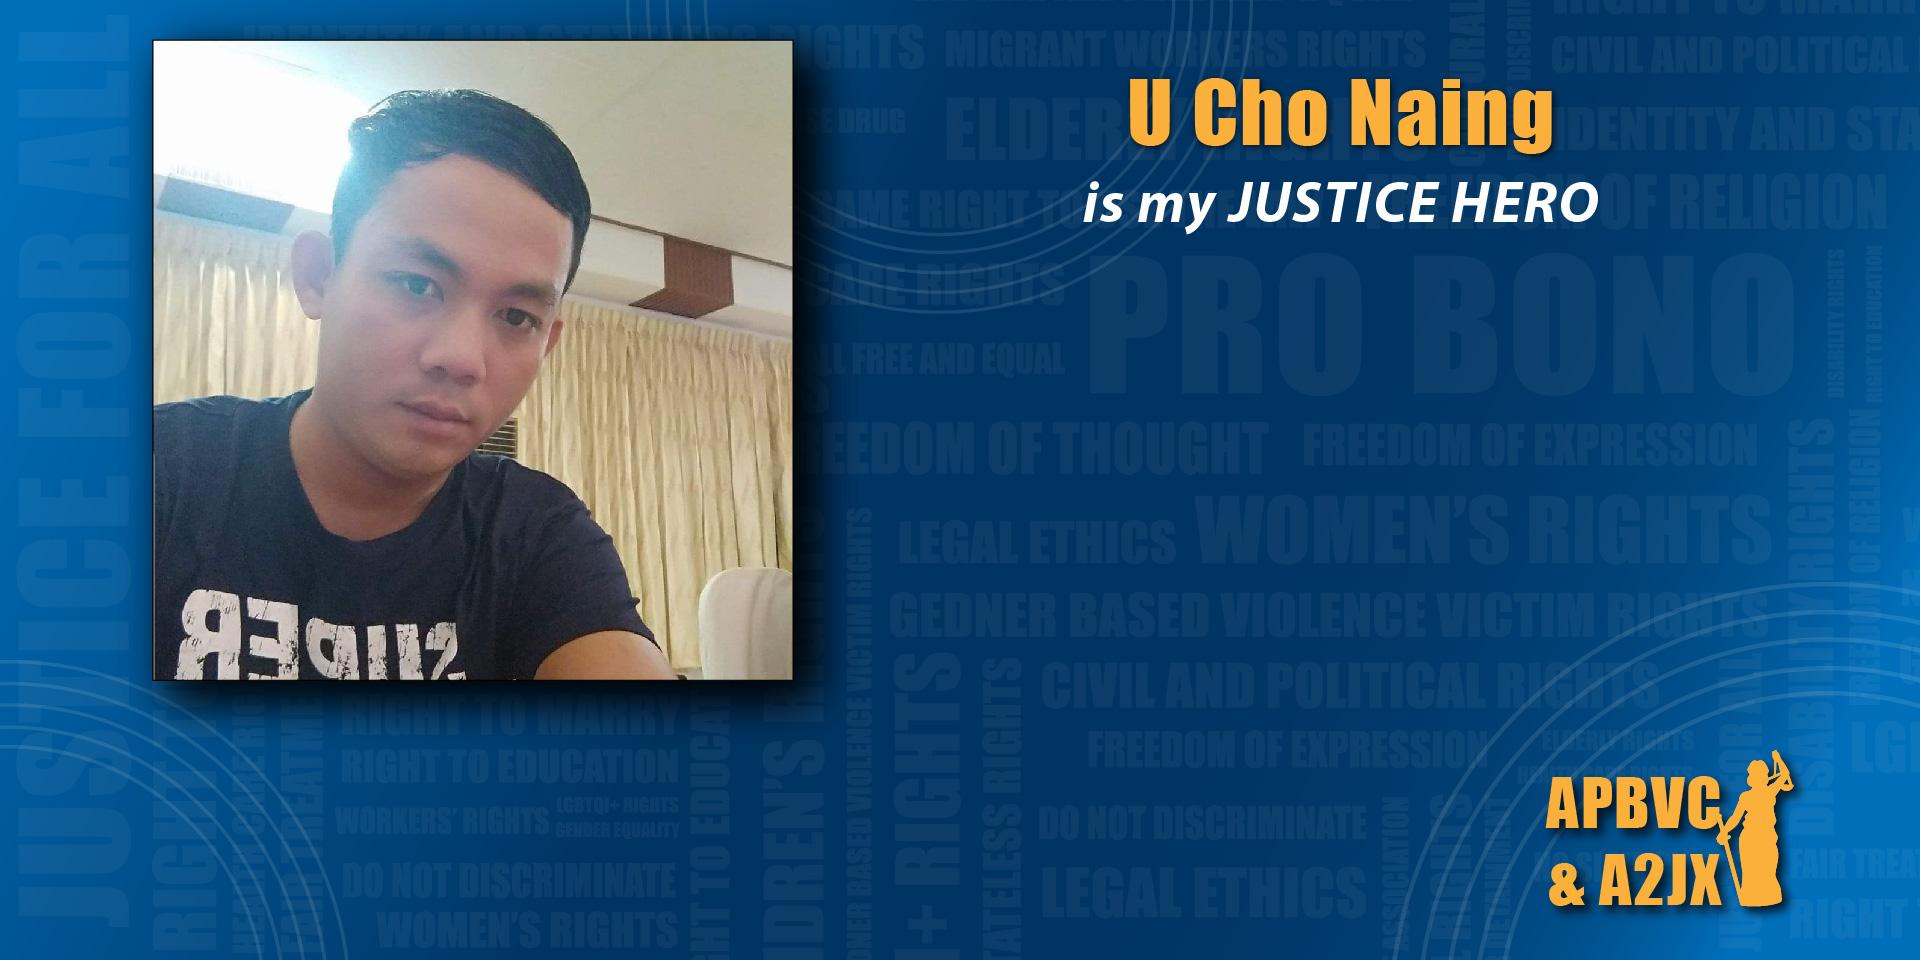 U Cho Naing